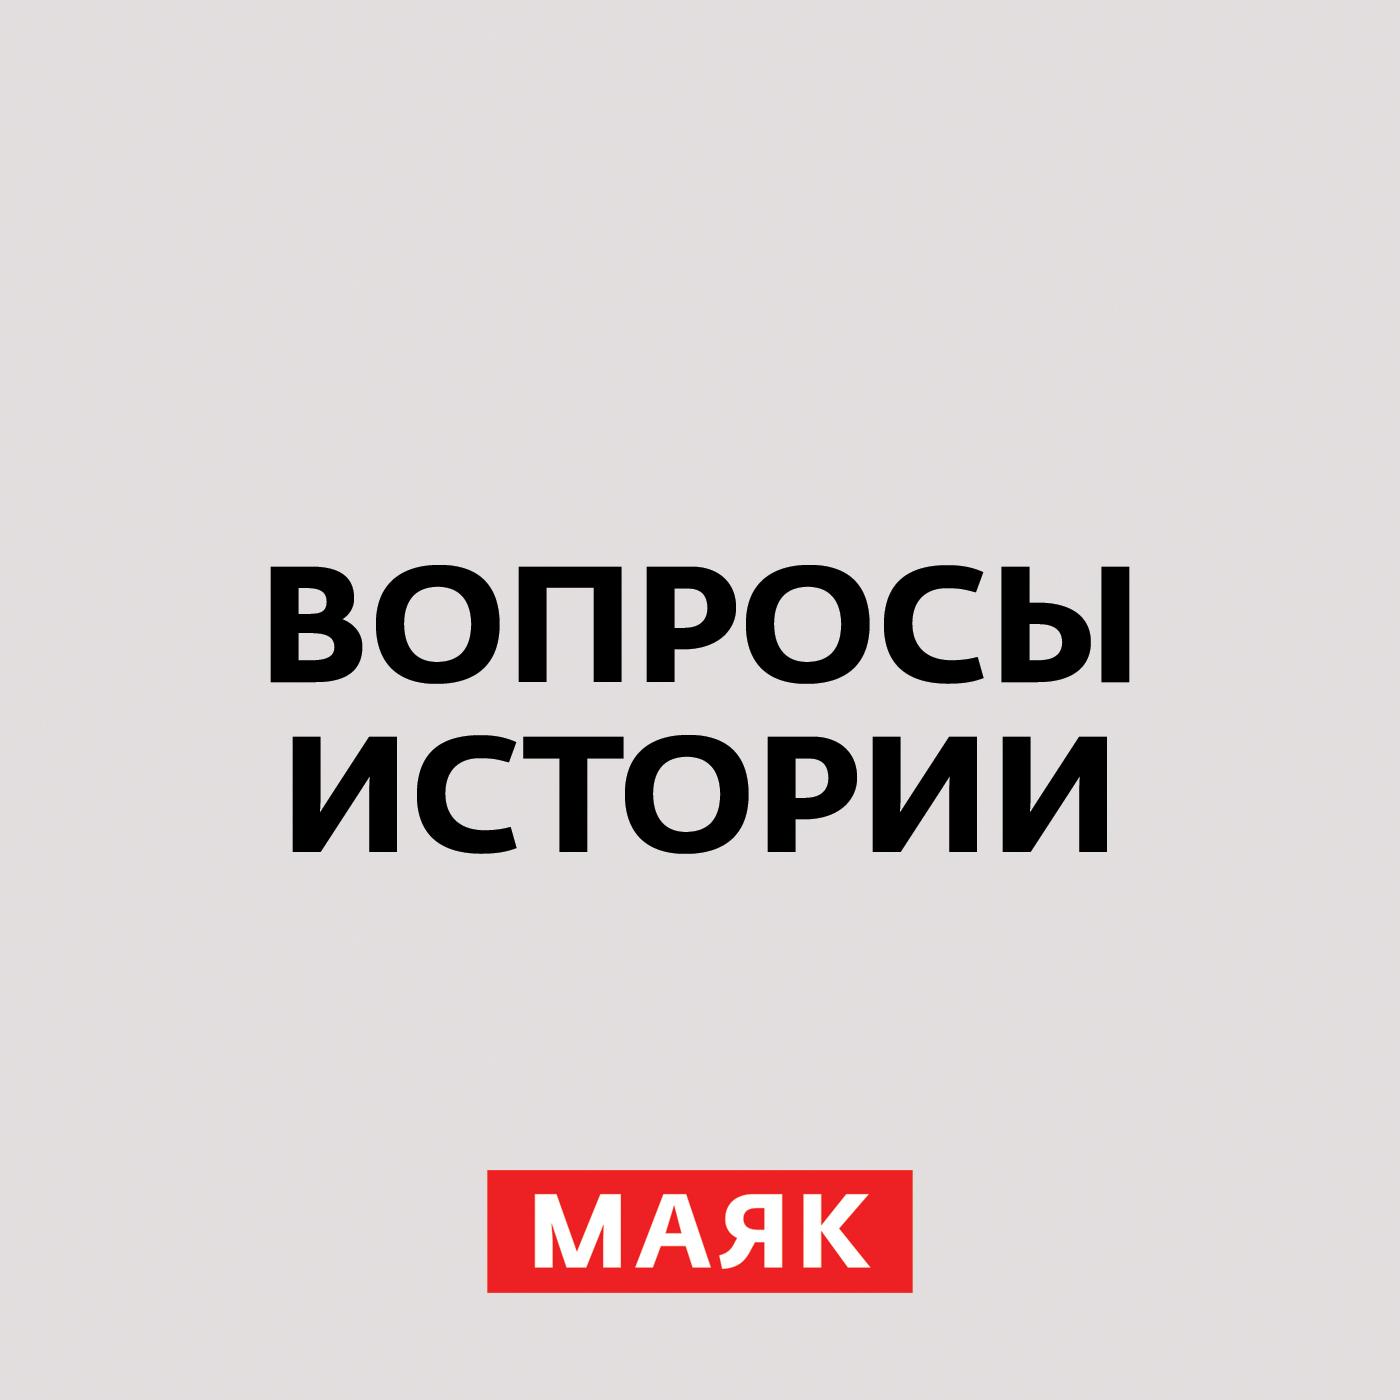 Андрей Светенко Заговор против Хрущева заговор против хрущева